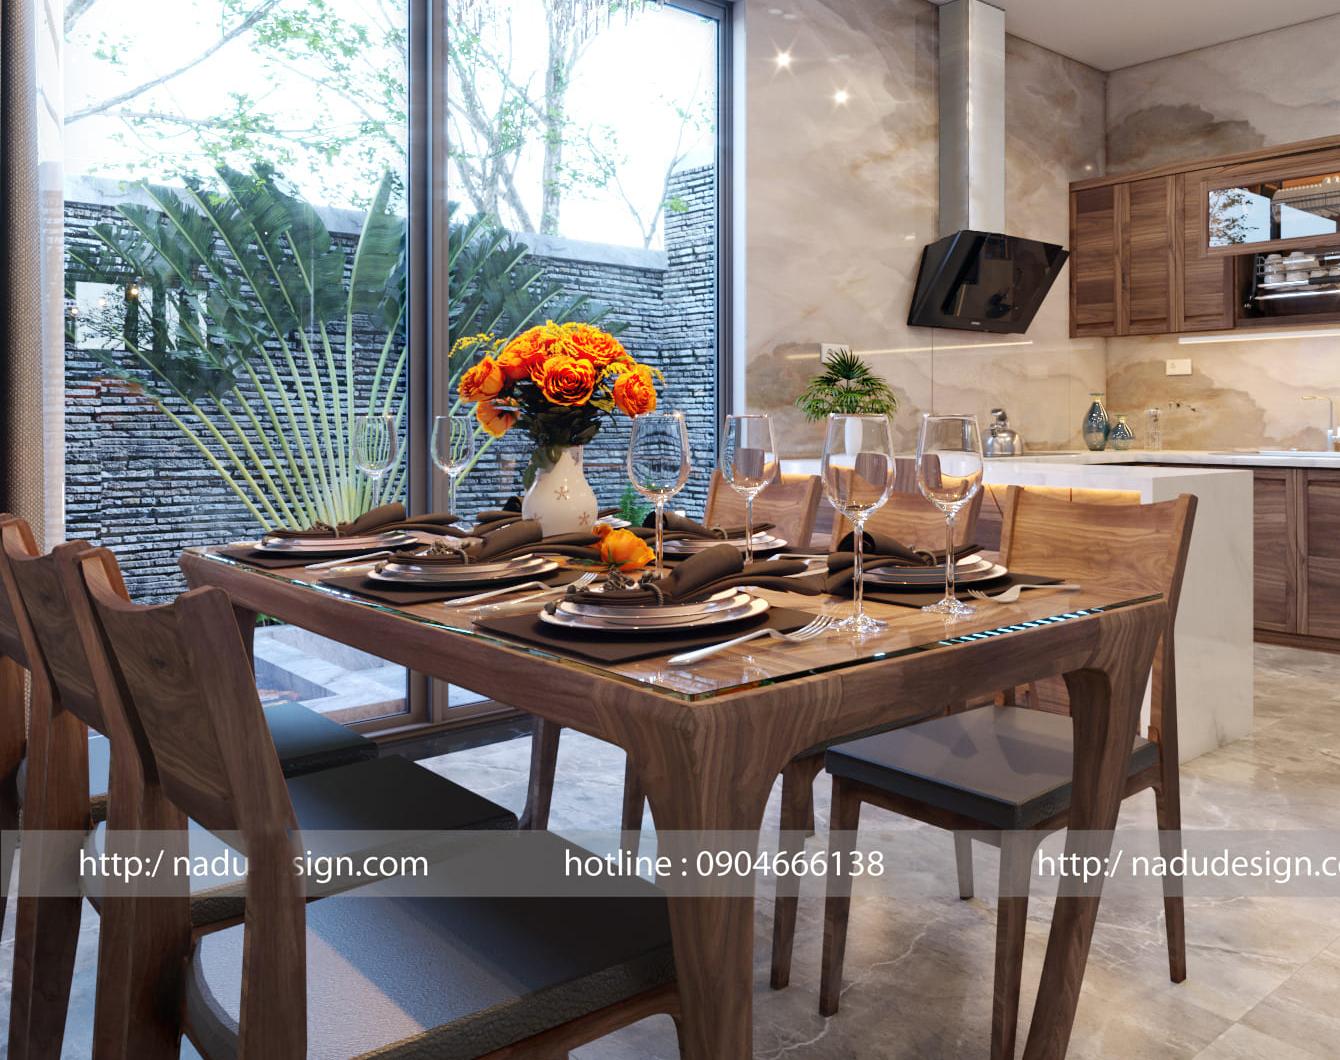 Thiết kế nội thất chung cư thể hiện đẳng cấp chủ nhà